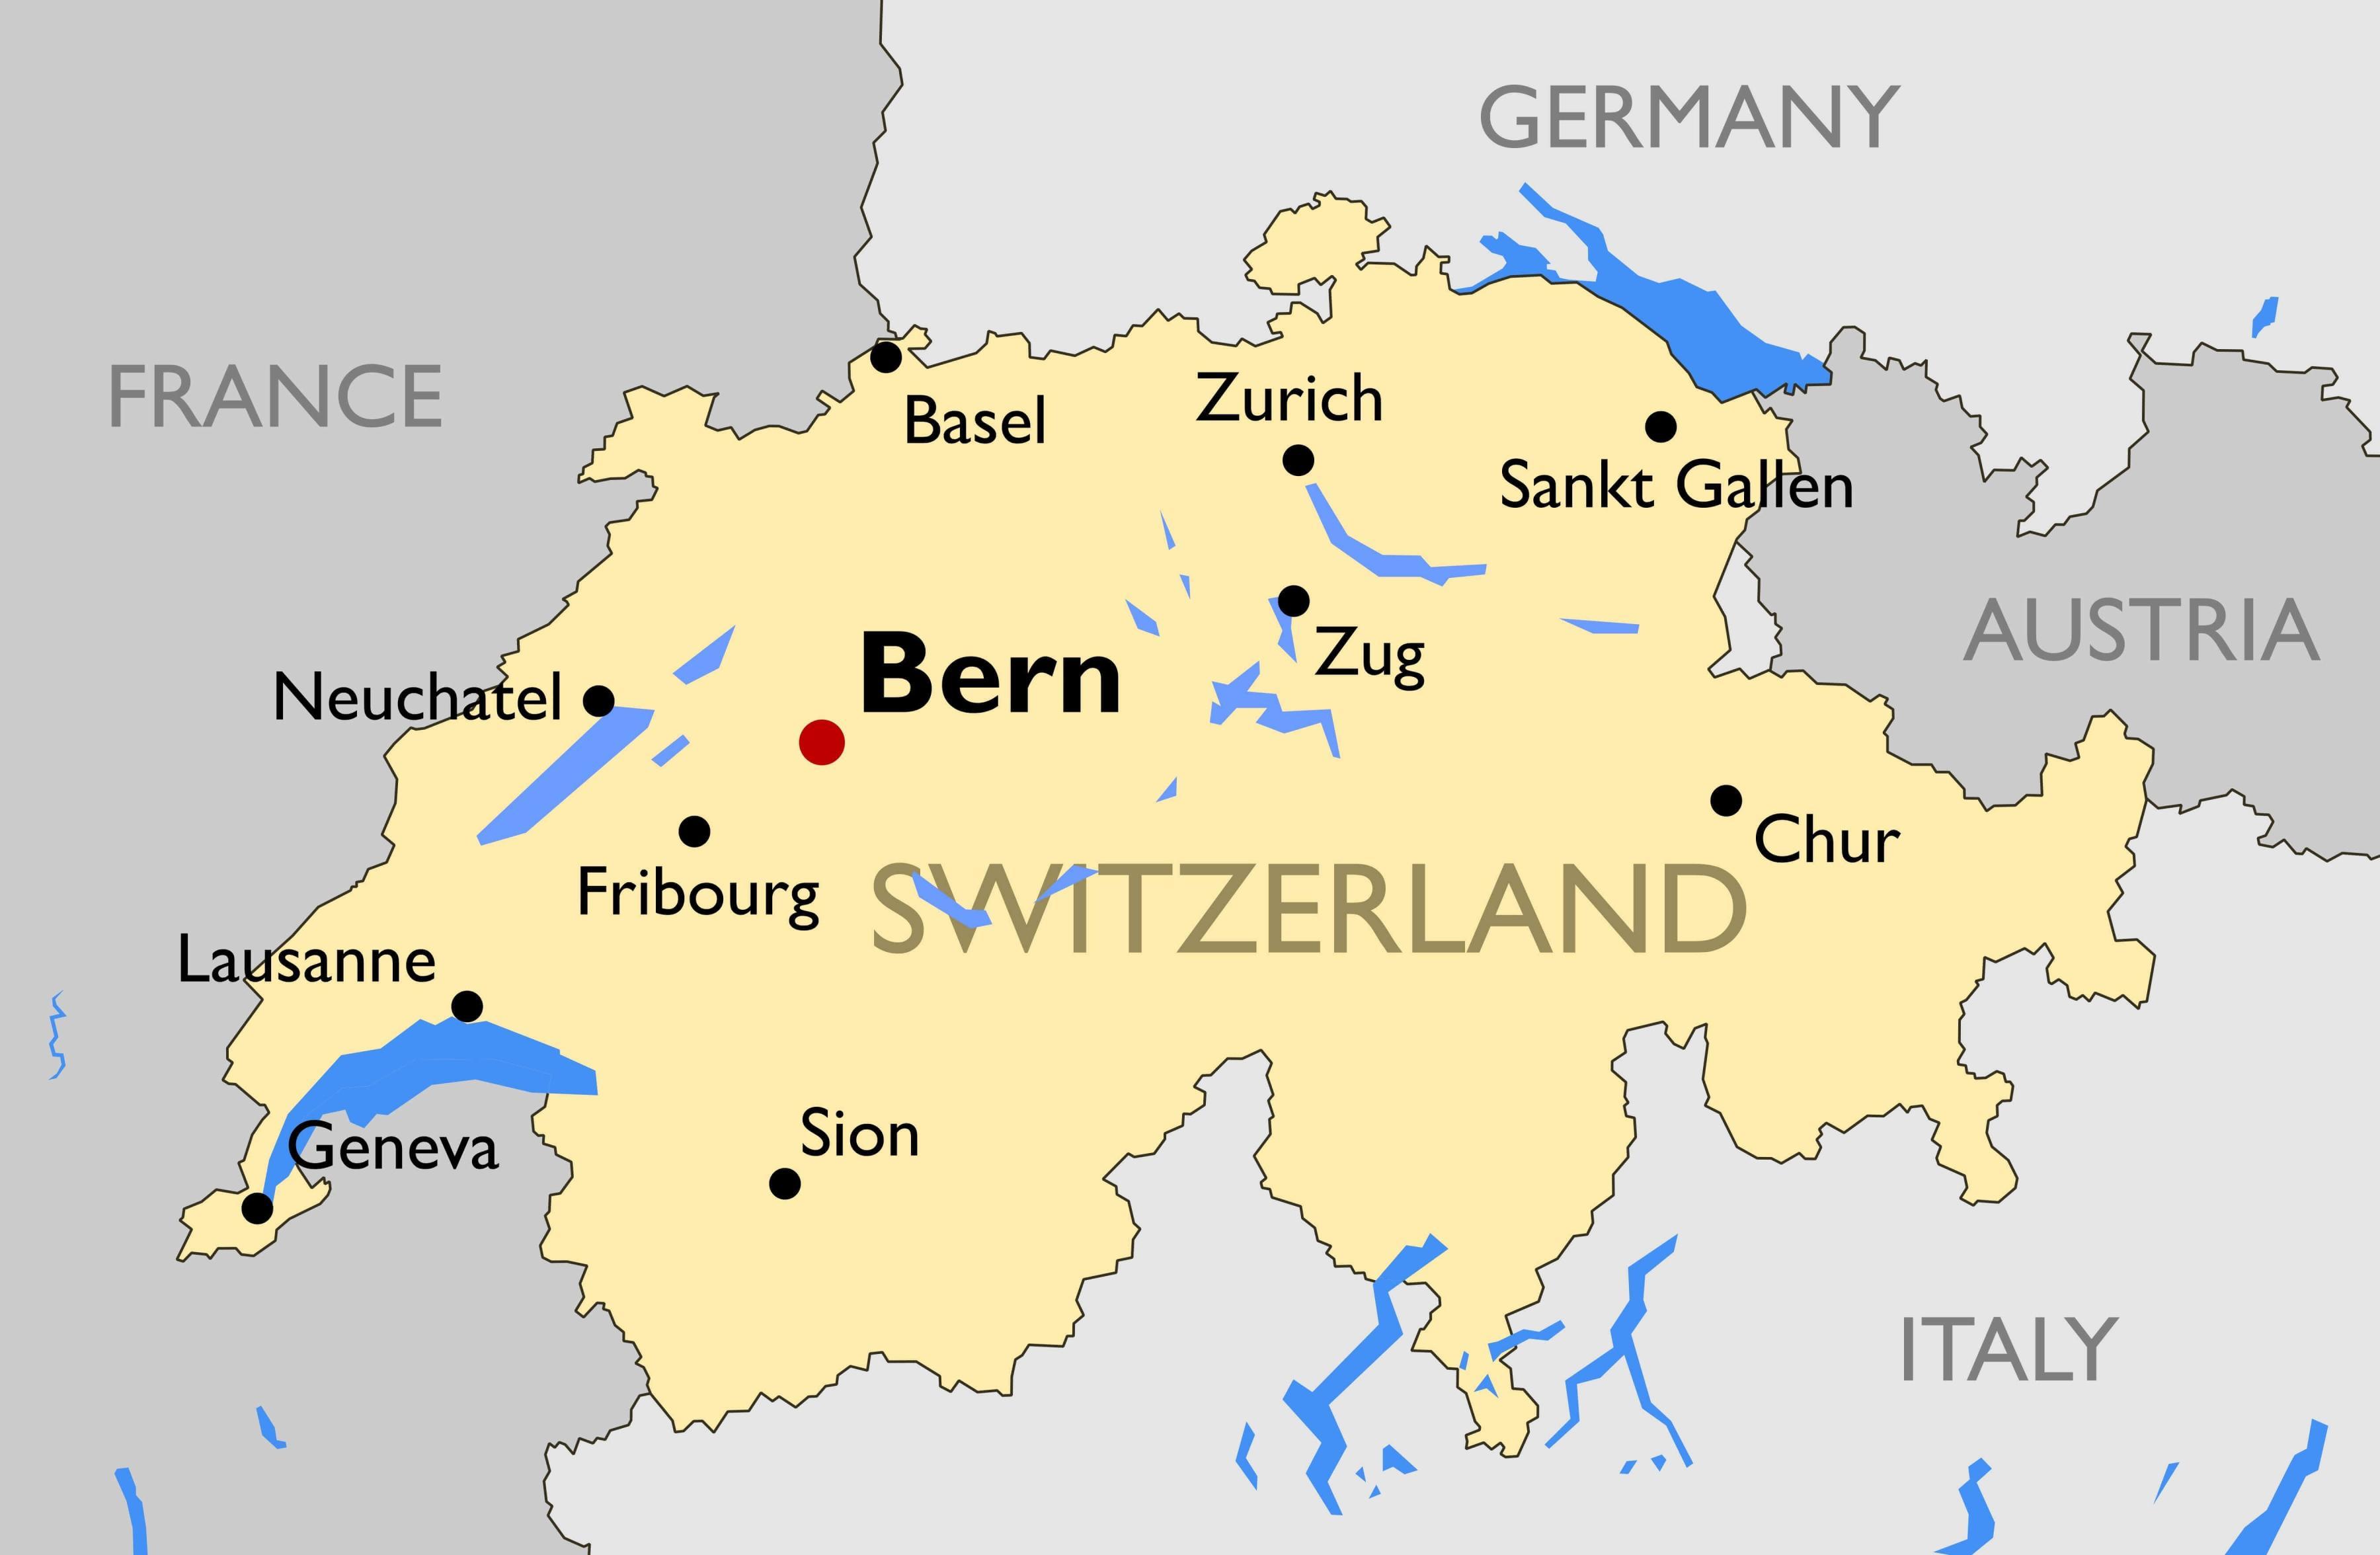 Szwajcaria Mapy Miast Mapa Szwajcarii Z Duzych Miast Europa